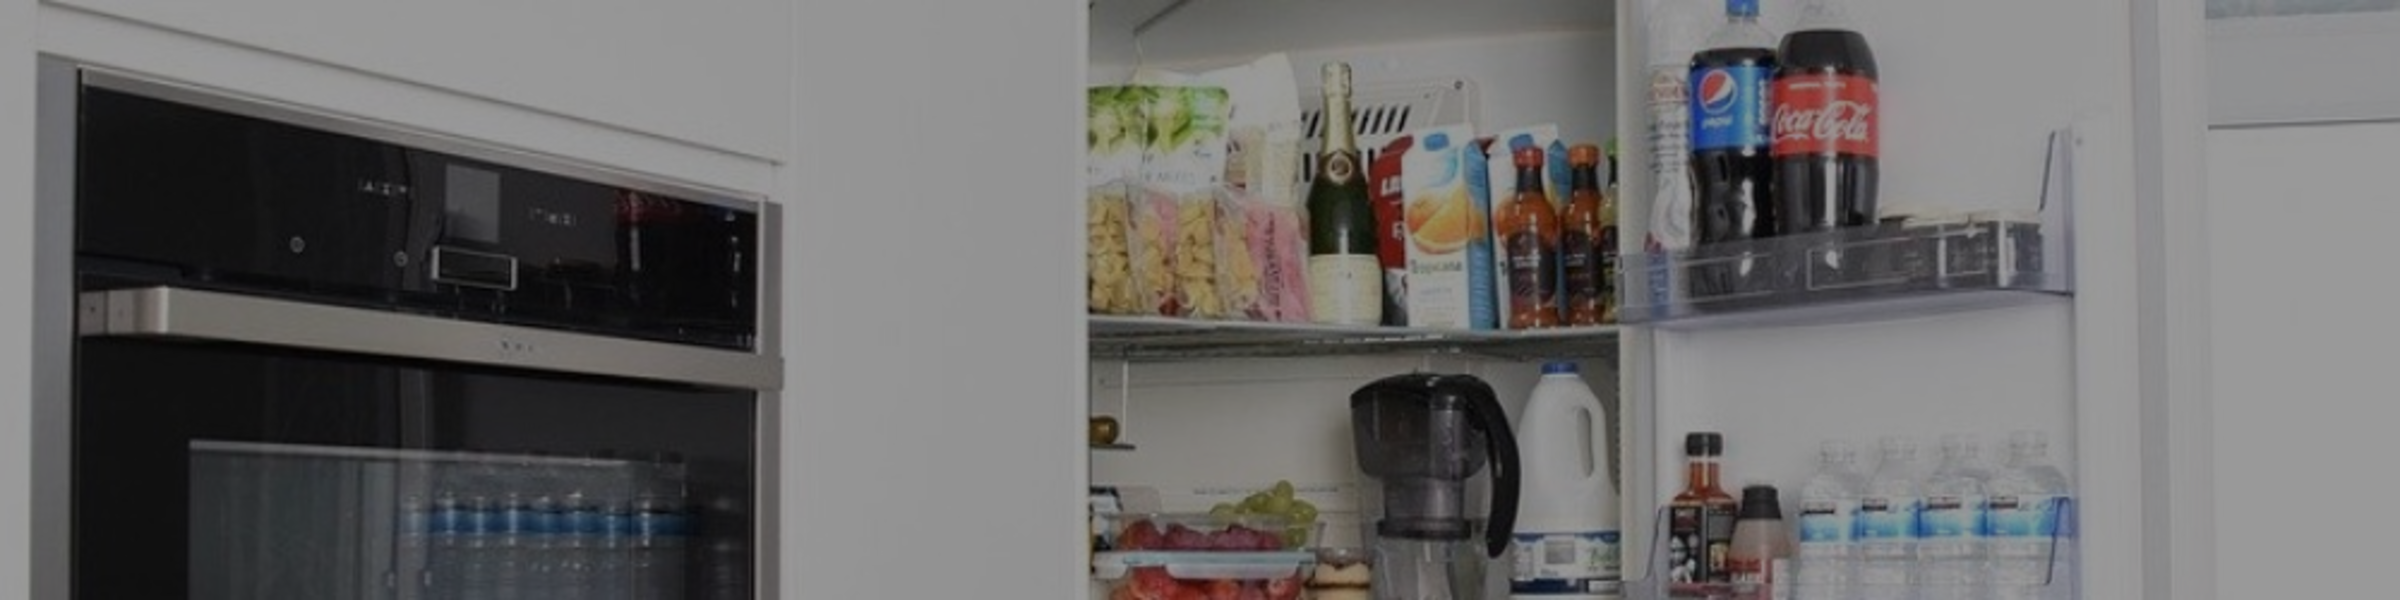 refrigerator repair pros in Centurion